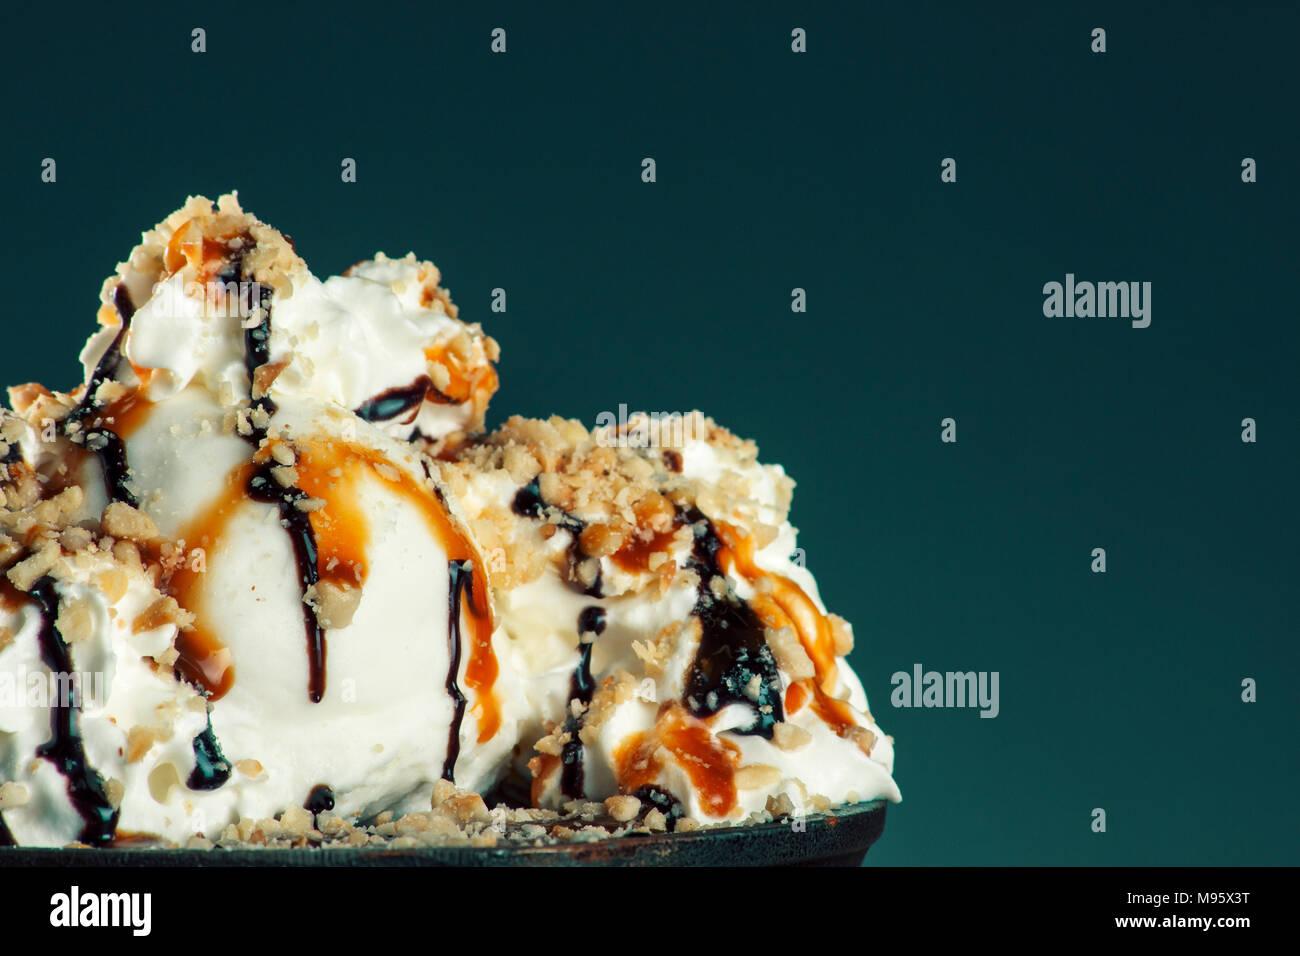 Morceau de chocolat amande gâteau de semoule avec assaisonnement balsamique et de la crème glacée Photo Stock